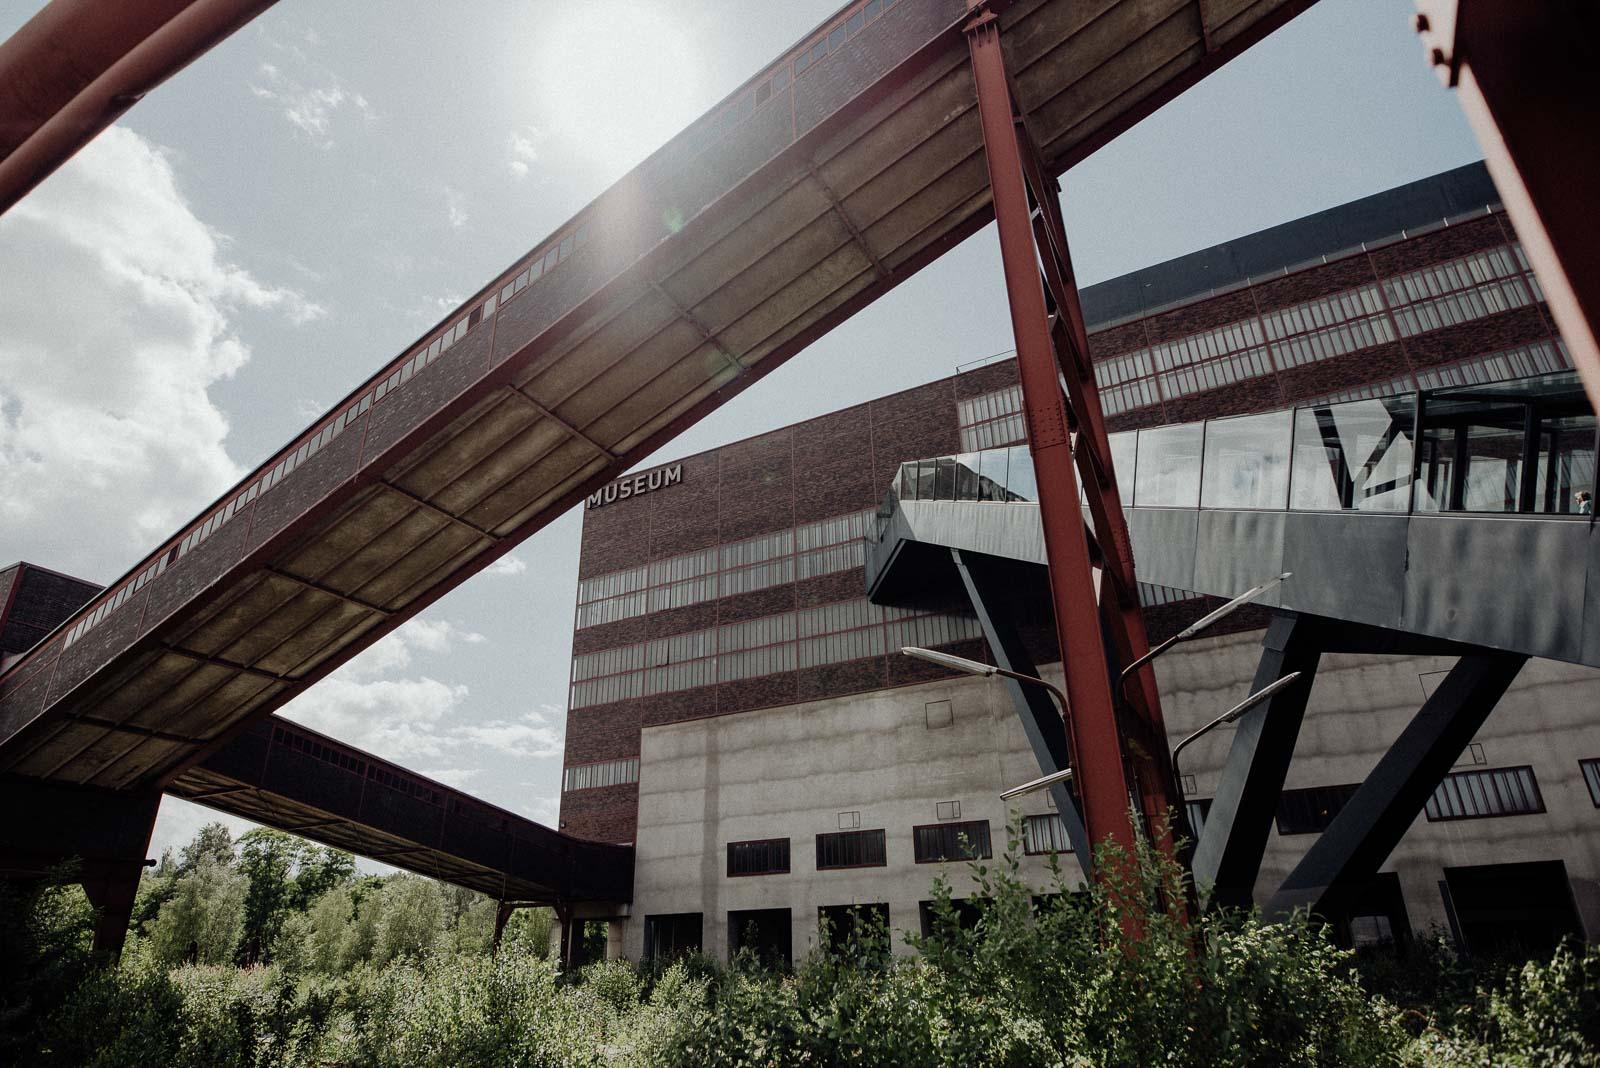 109-hochzeit-essen-erich-brost-pavillon-zeche-zollverein